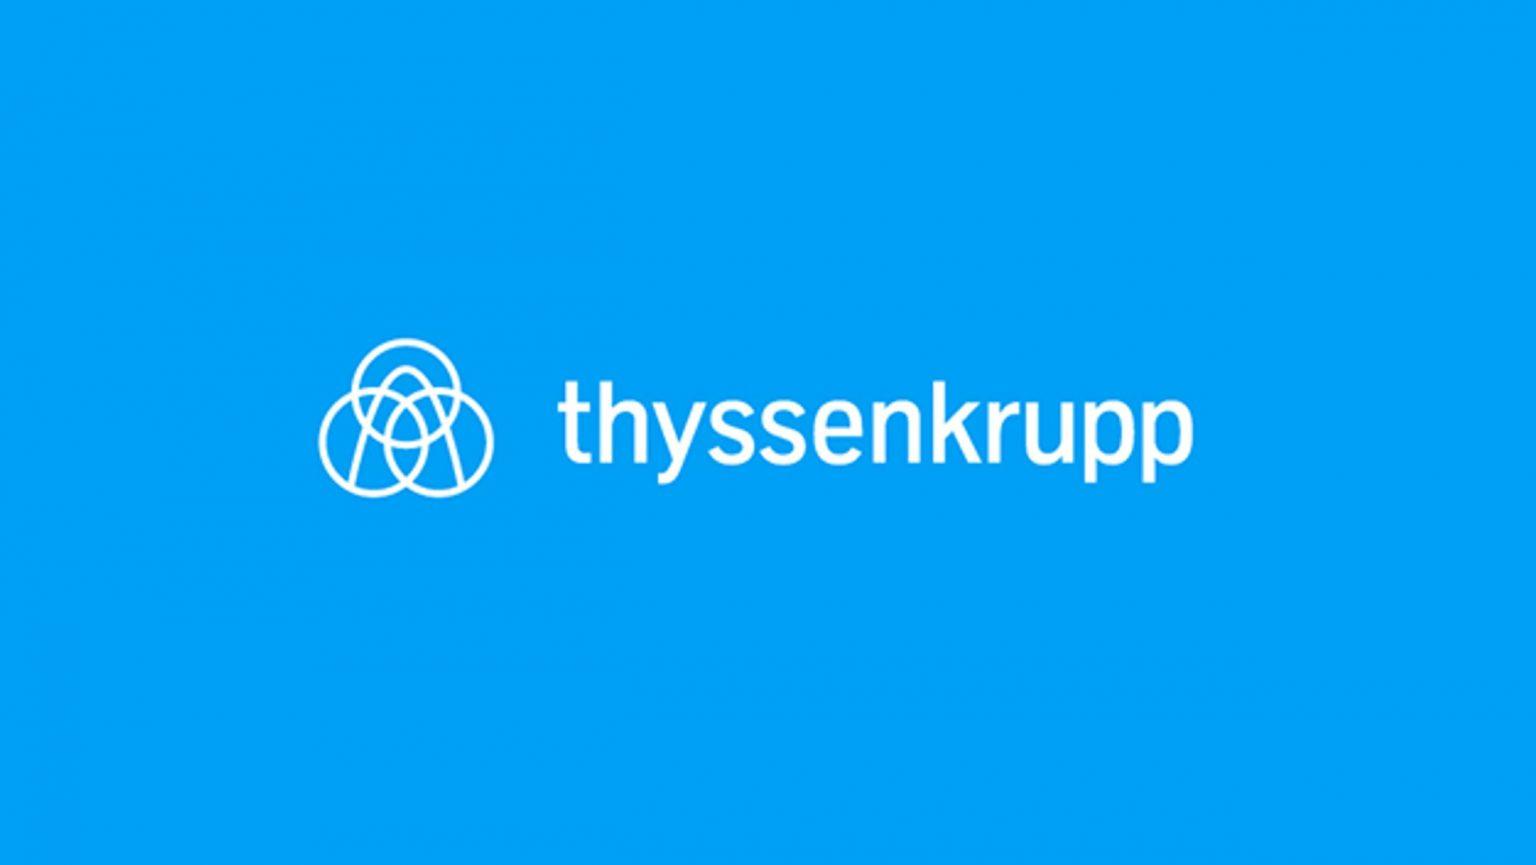 logo-kd-thyssenkrupp